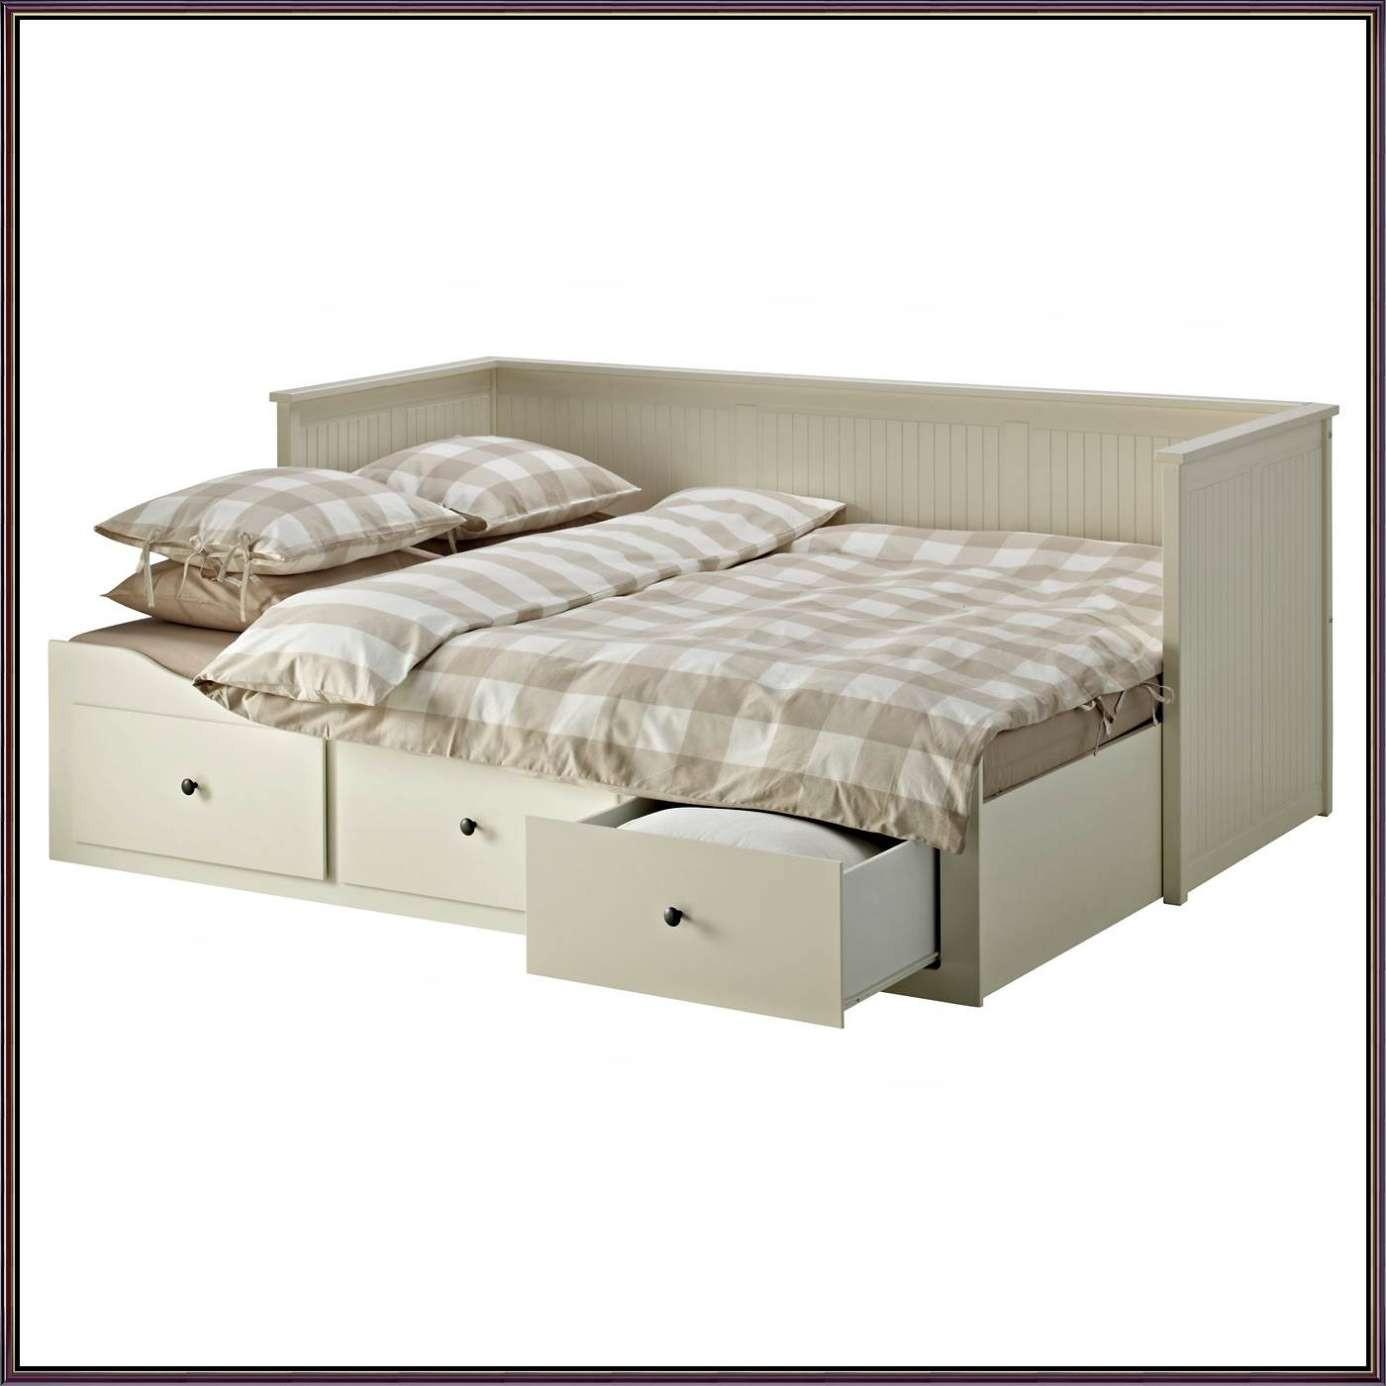 Full Size of 40 R1 Ikea Bett Mit Matratze Fhrung 90x200 Lattenrost Und Küche Kaufen Sofa Schlaffunktion Ausklappbares 160x200 Ausklappbar Schlafzimmer Set Betten Kosten Wohnzimmer Lattenrost Klappbar Ikea